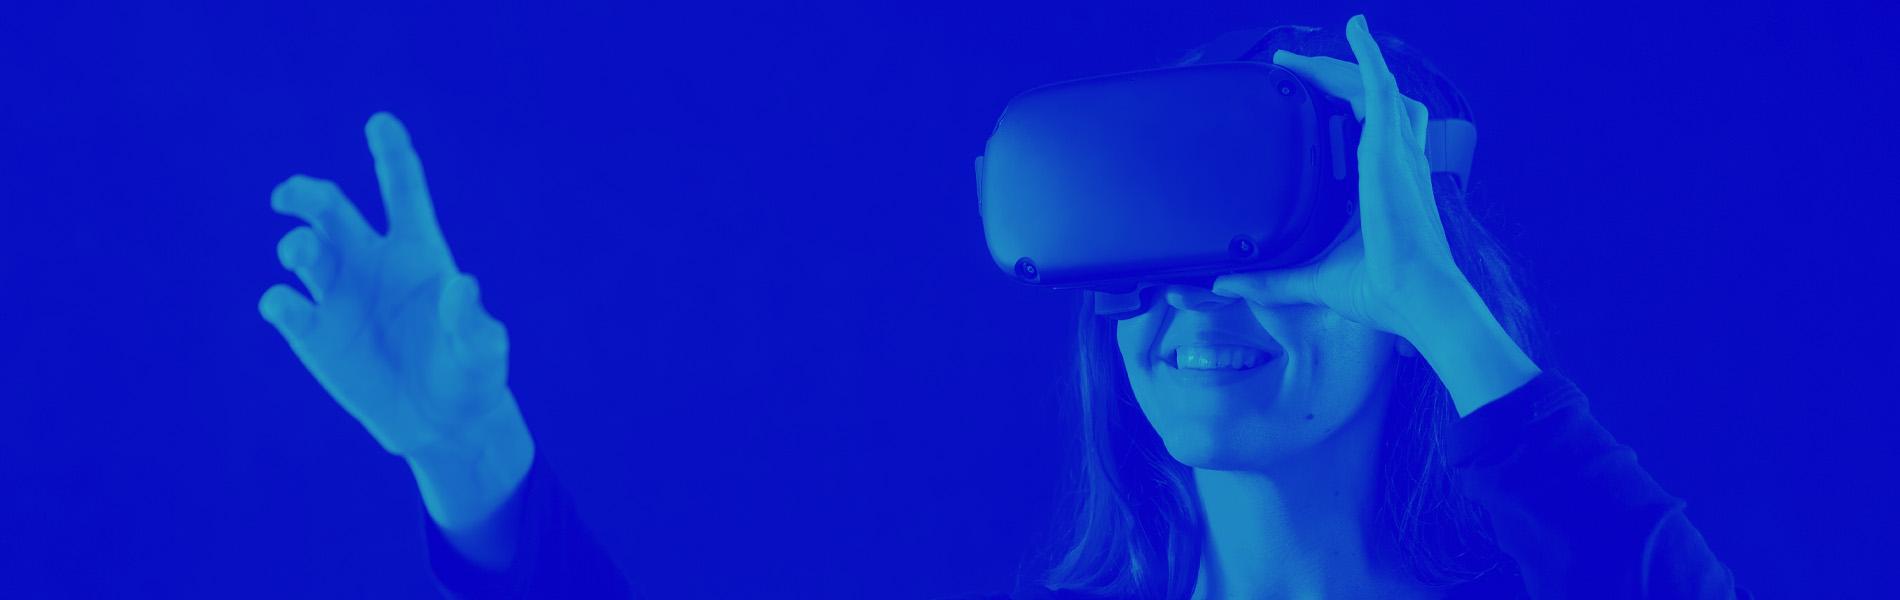 ¿Cómo funcionan las gafas de realidad virtual?